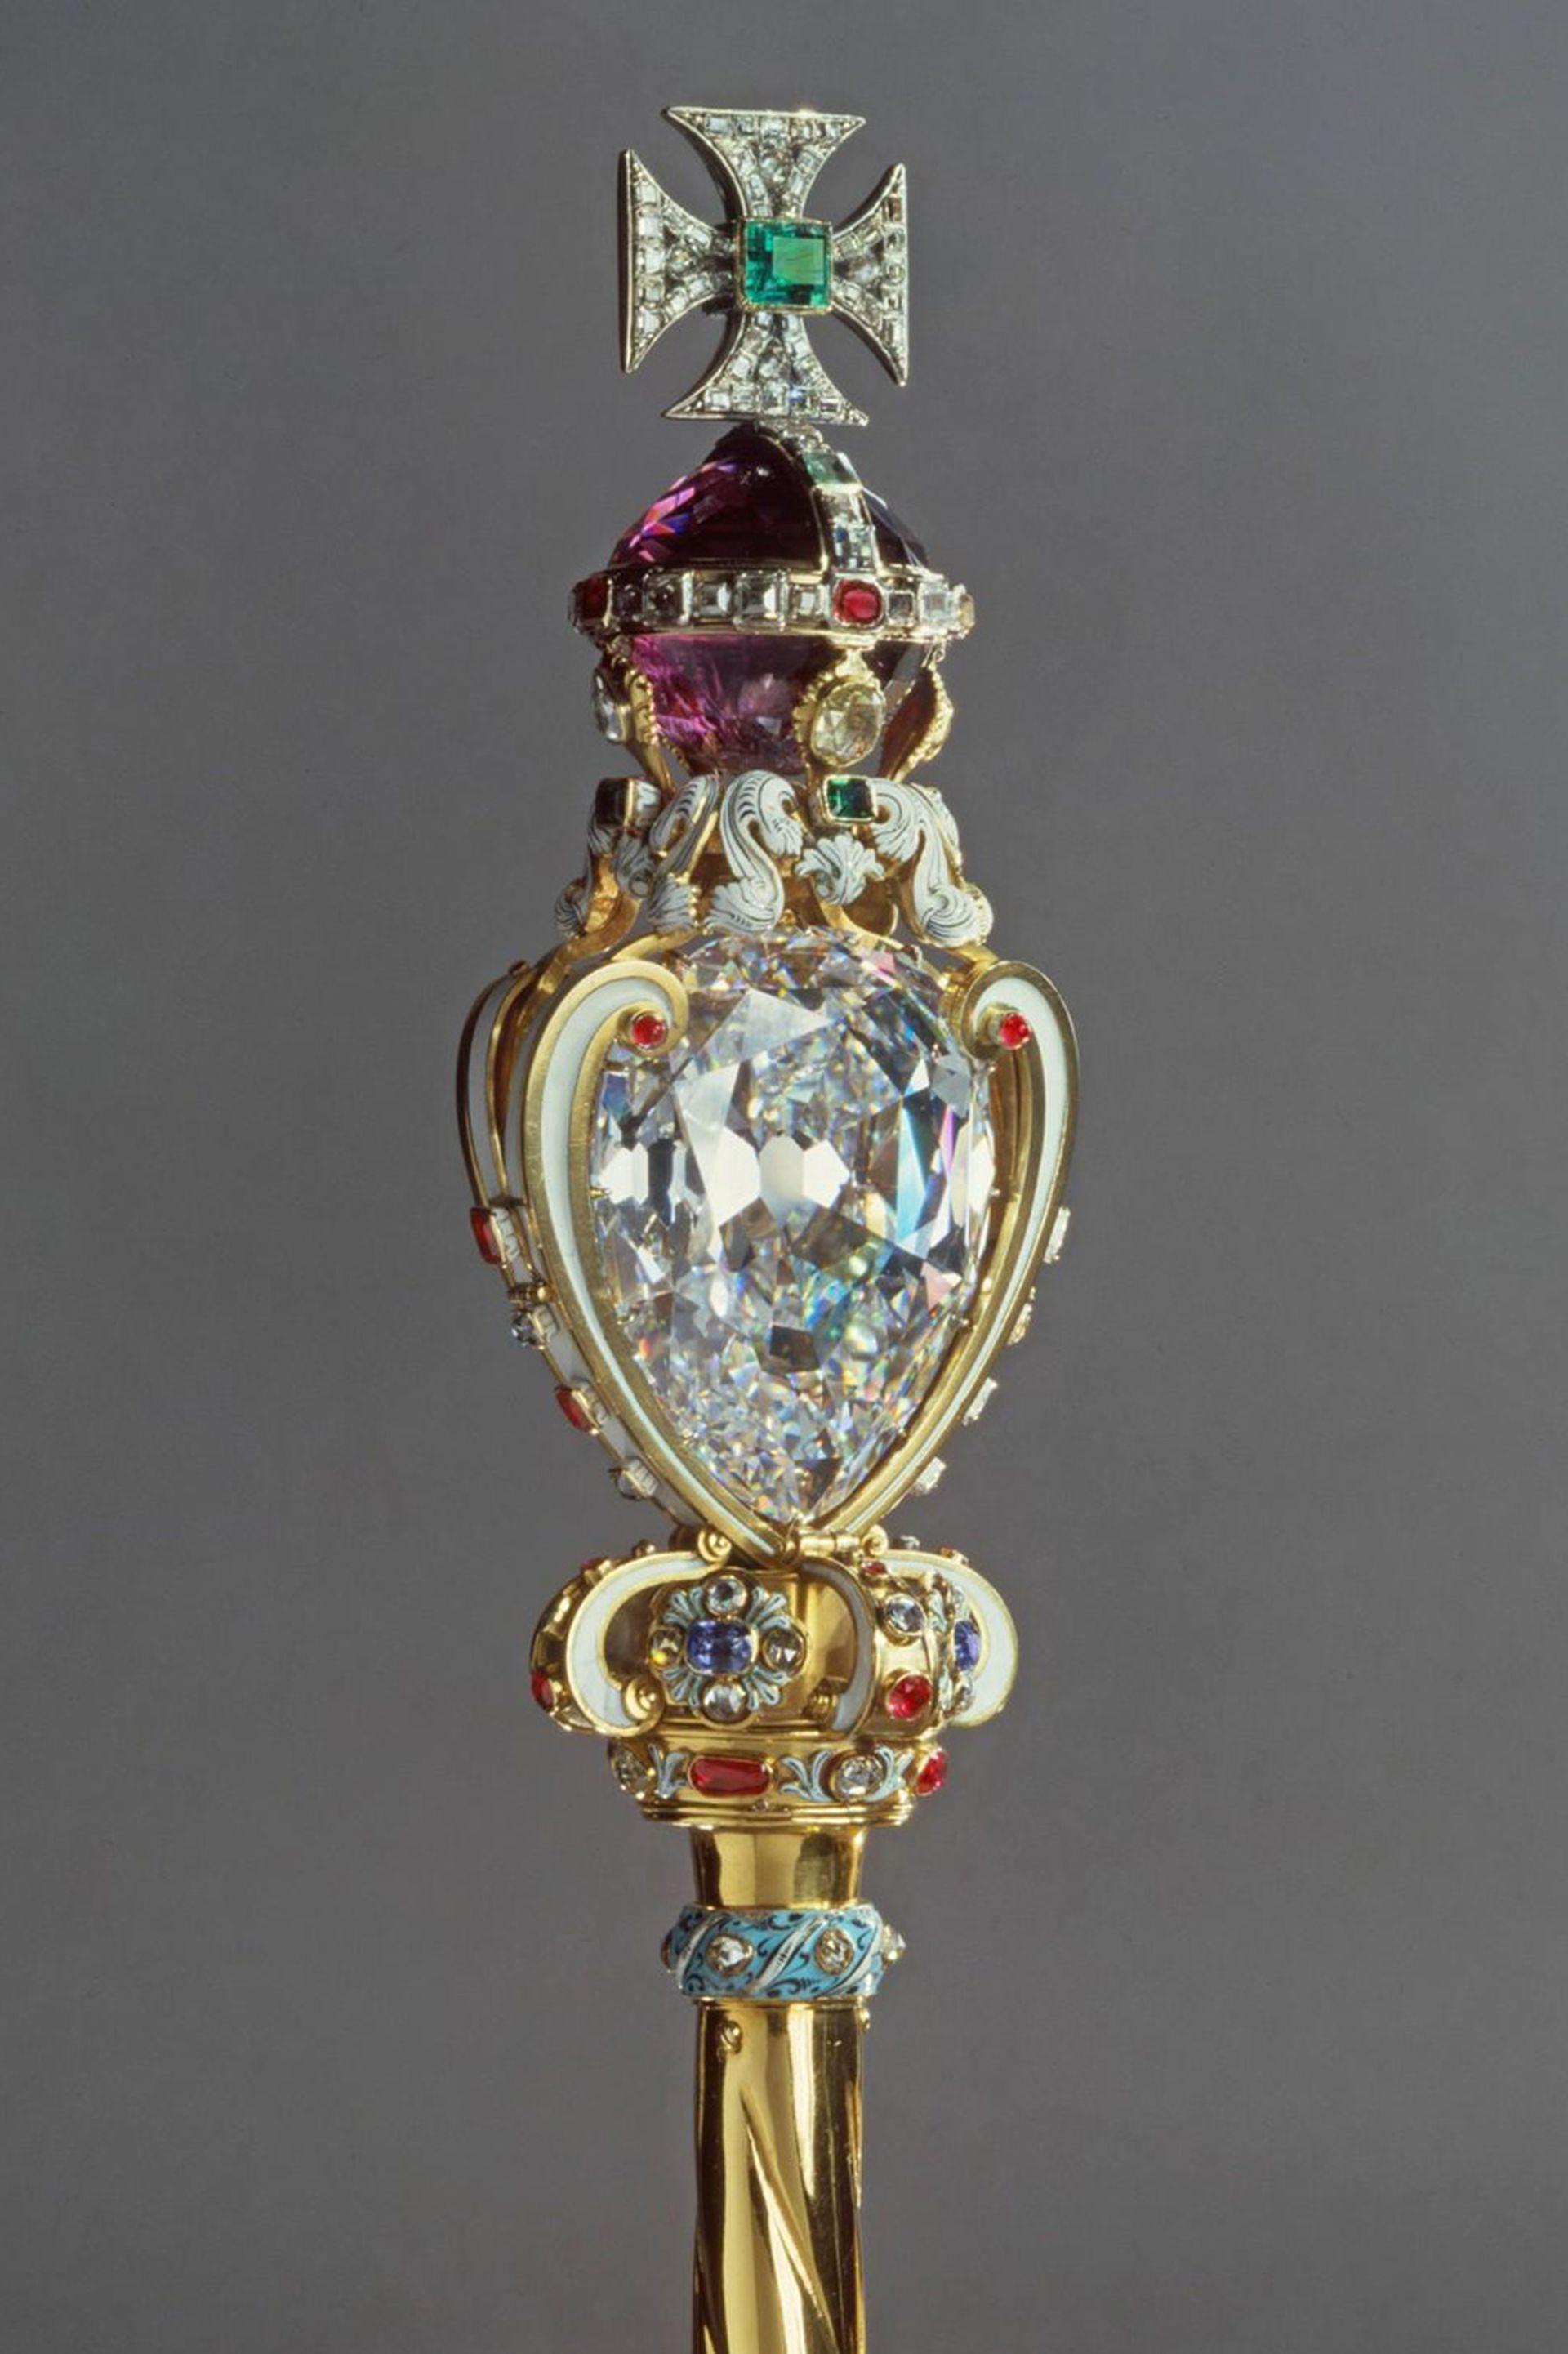 El Cullinan 1 en el Cetro del Soberano con cruz, realizado en 1661 para la coronación de Carlos II.